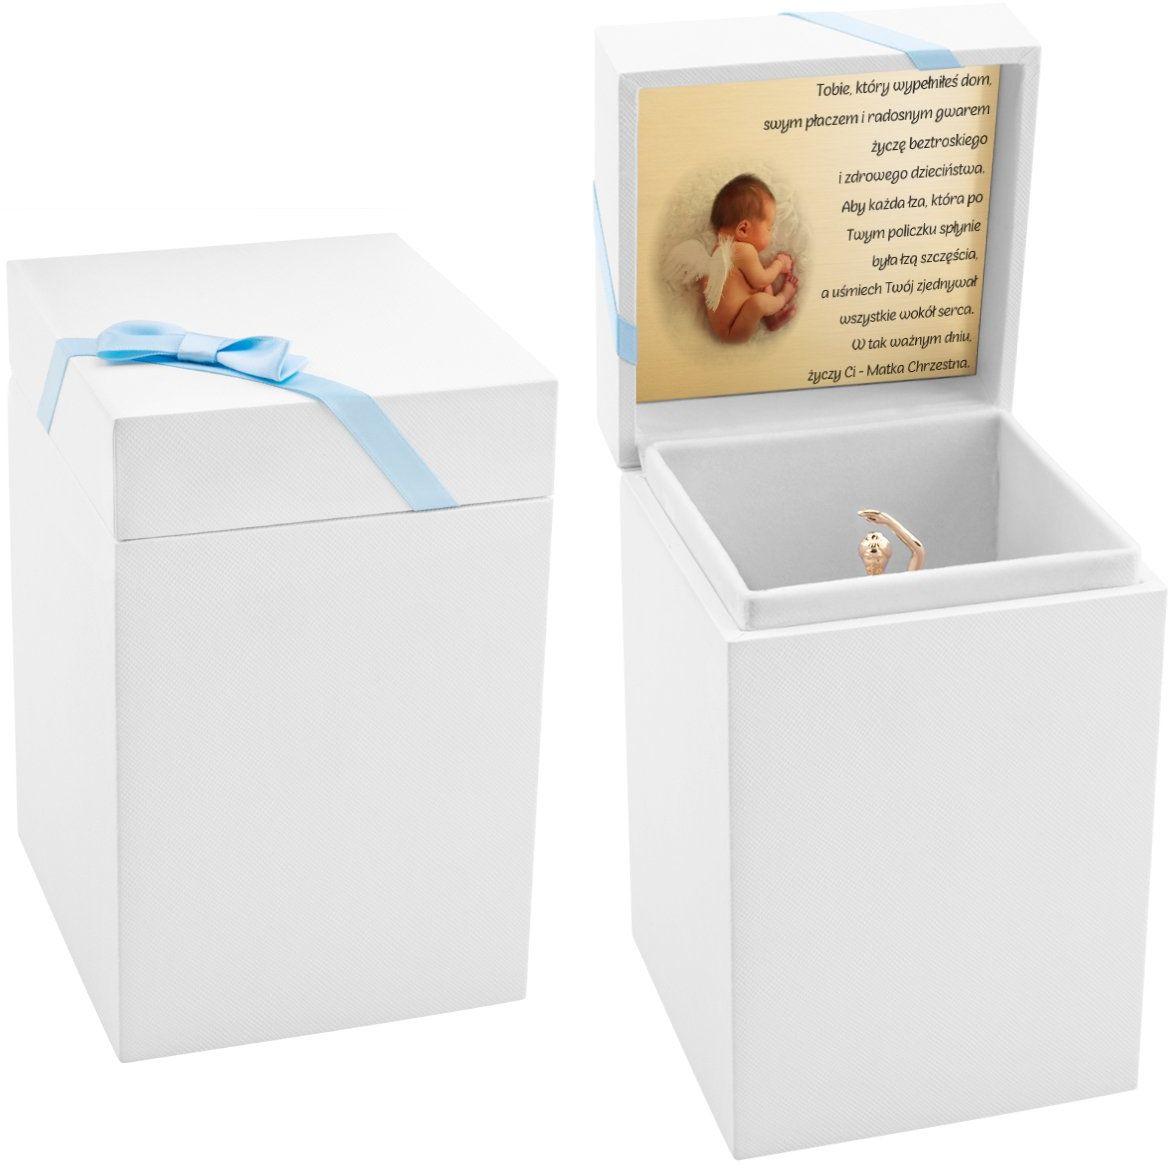 Pudełko prezentowe białe z niebieską tasiemką oraz Dedykacją